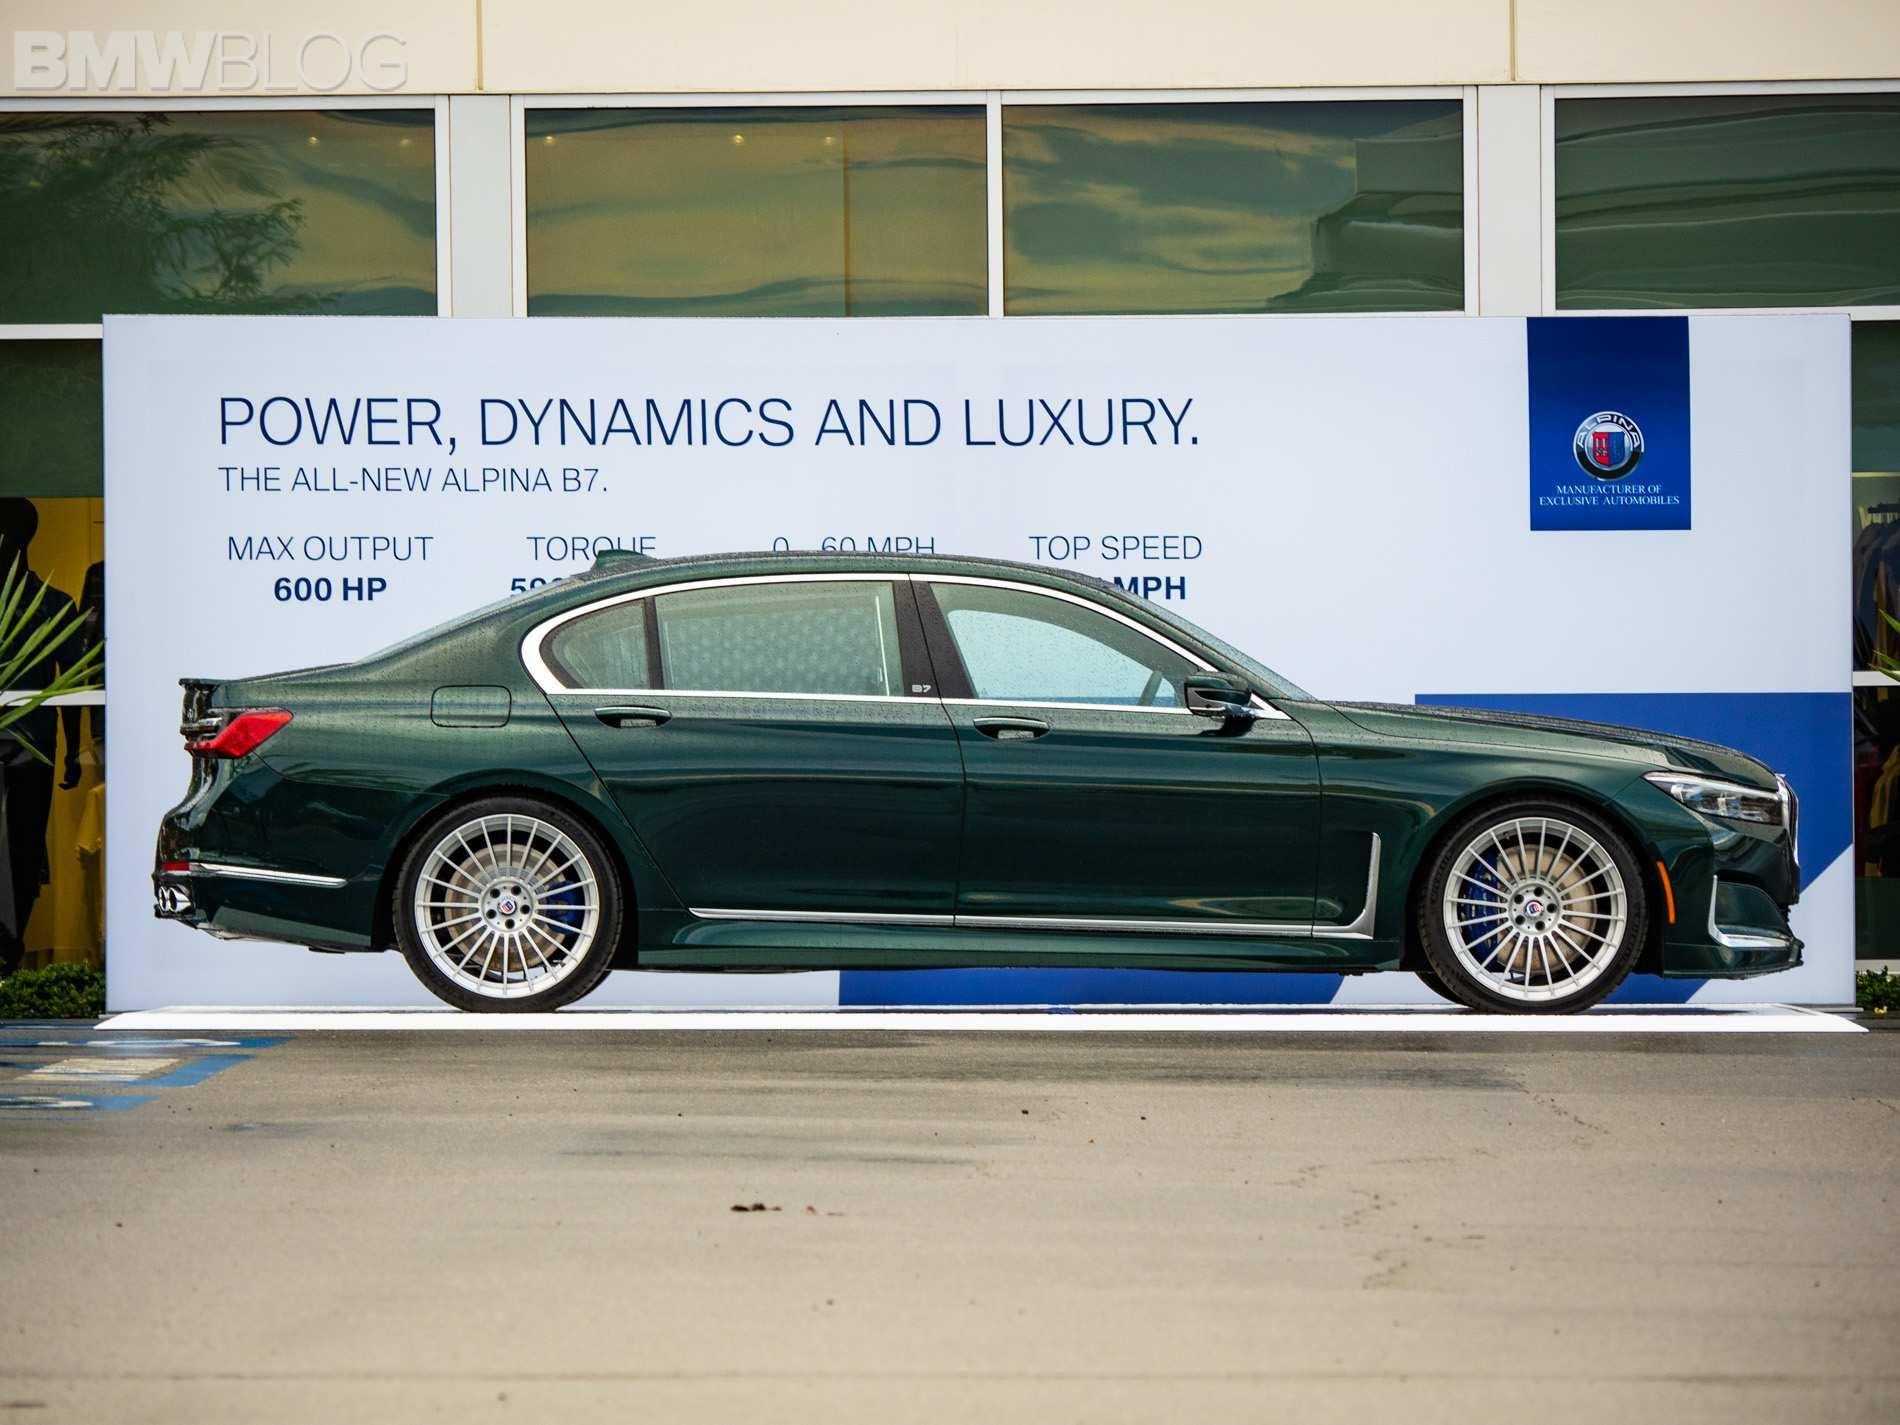 22 Best Review BMW Alpina B7 2020 Price Release with BMW Alpina B7 2020 Price